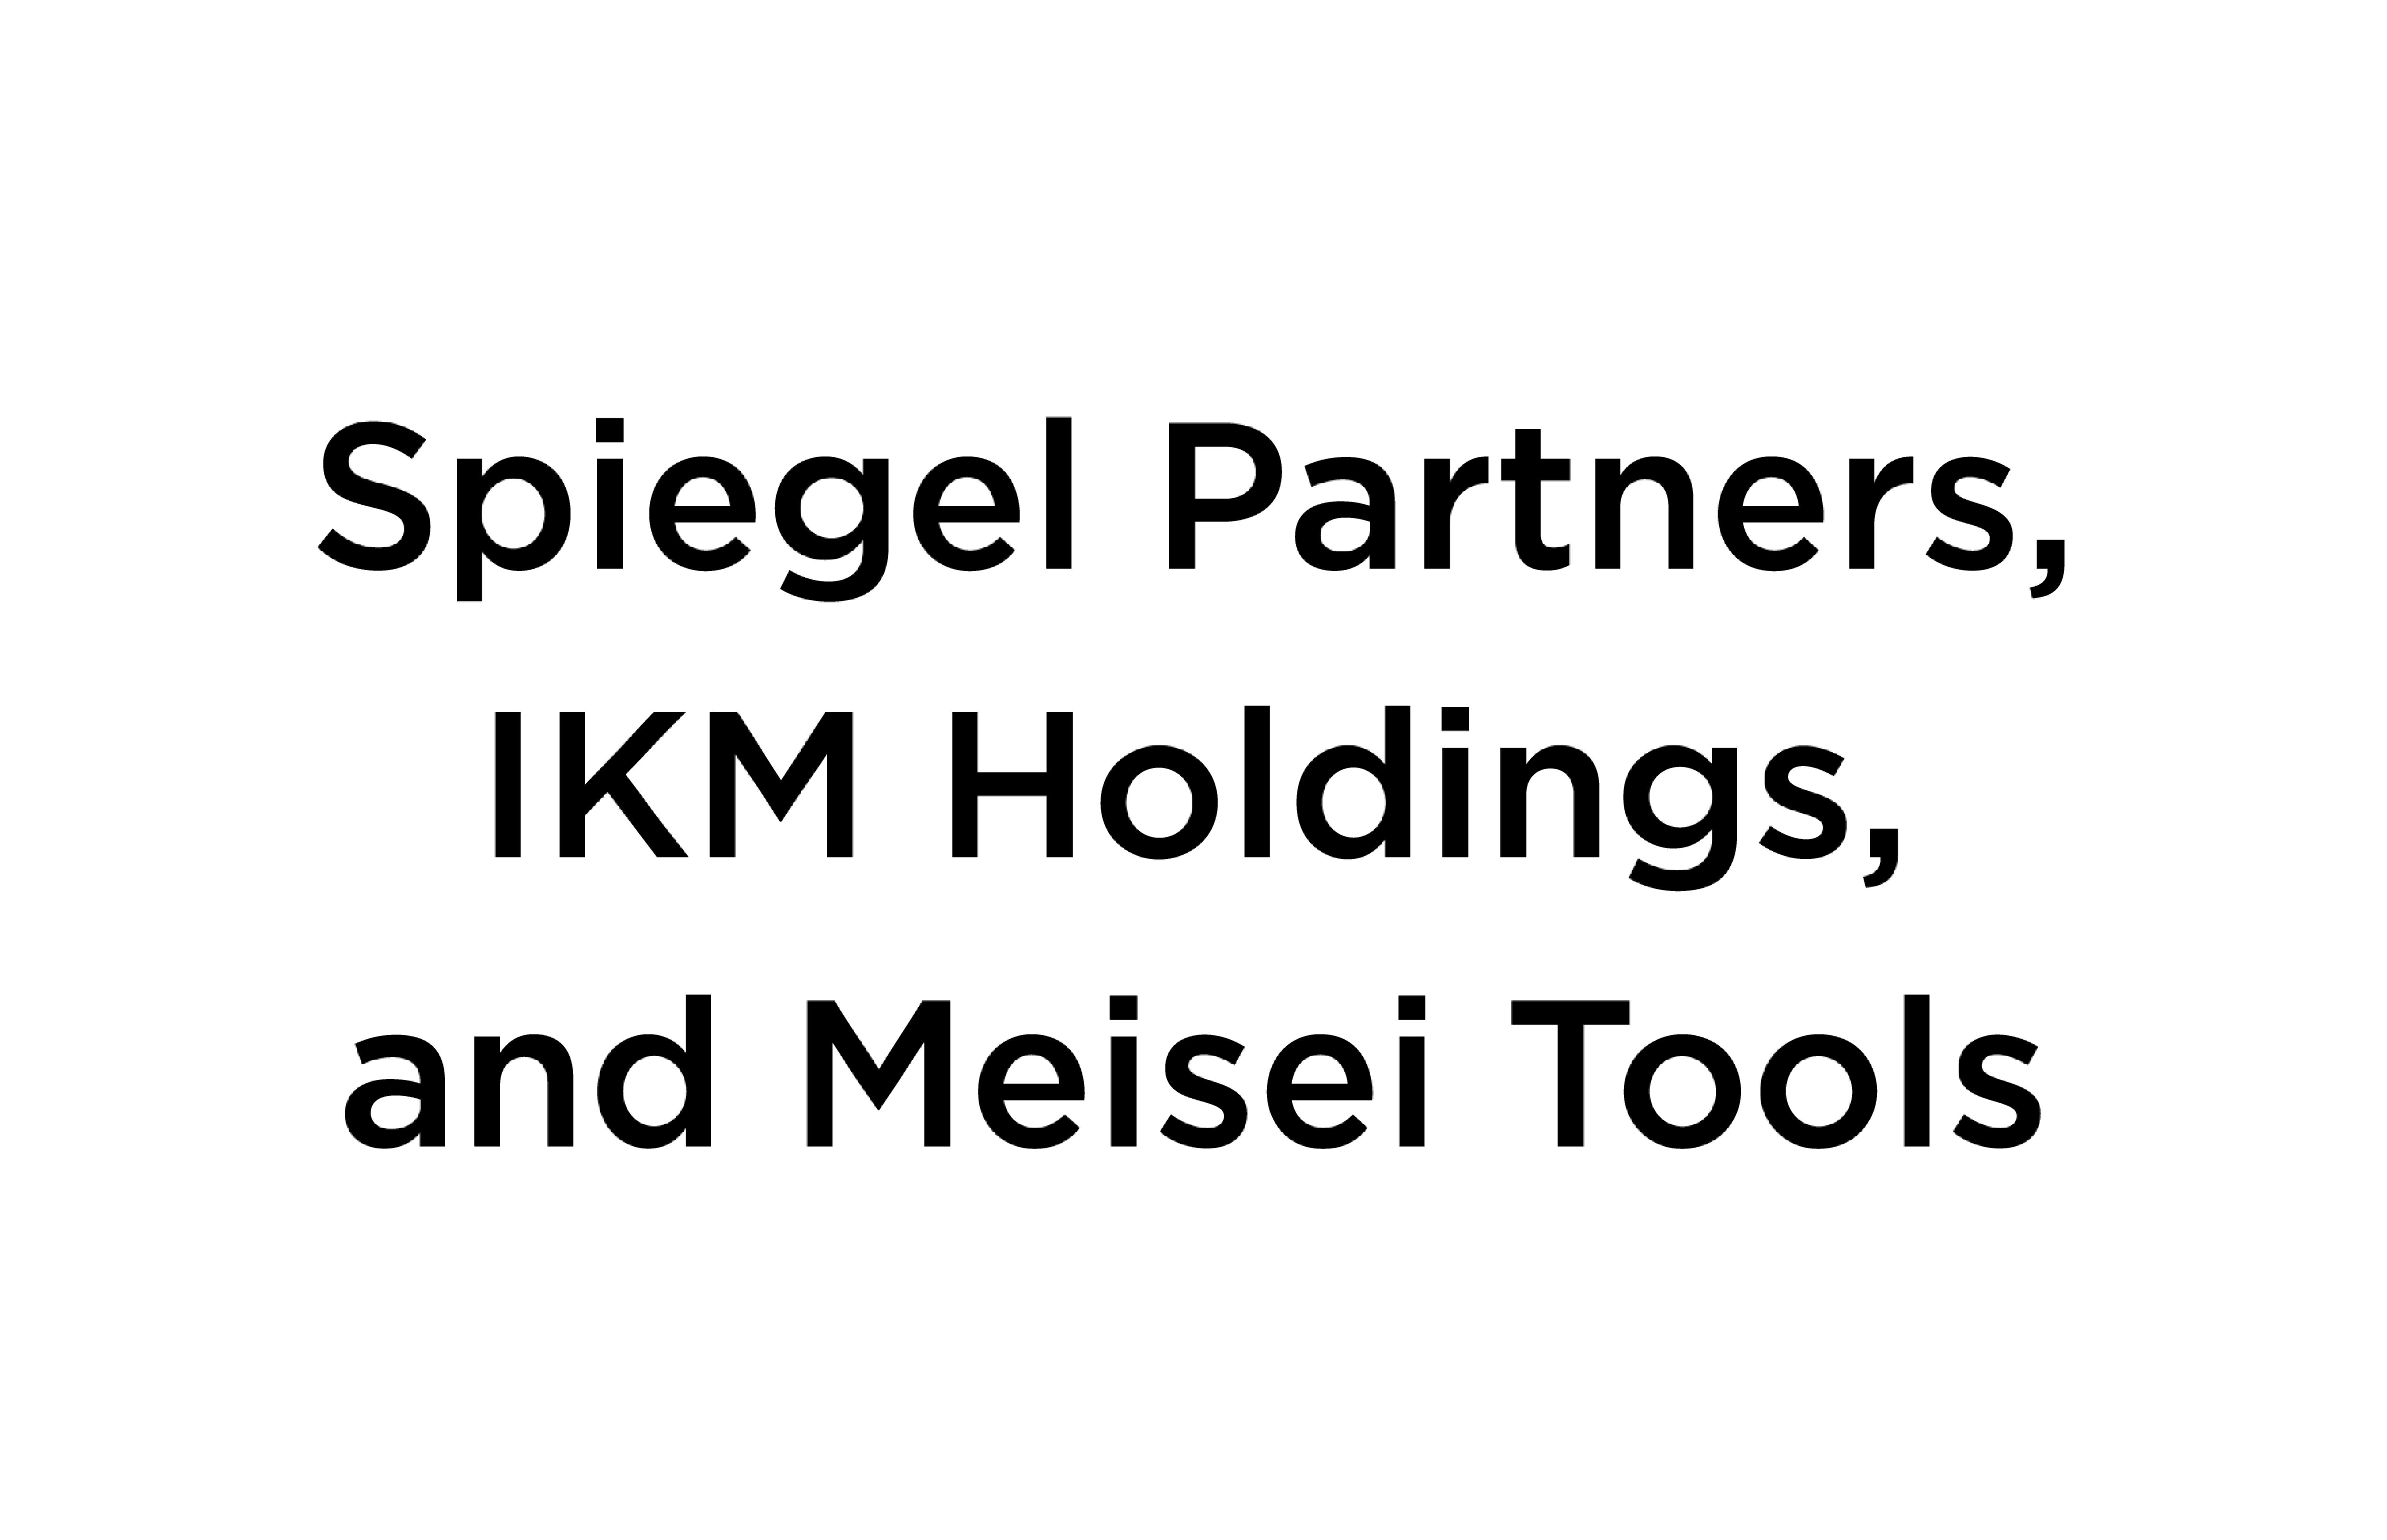 Spiegel Partners